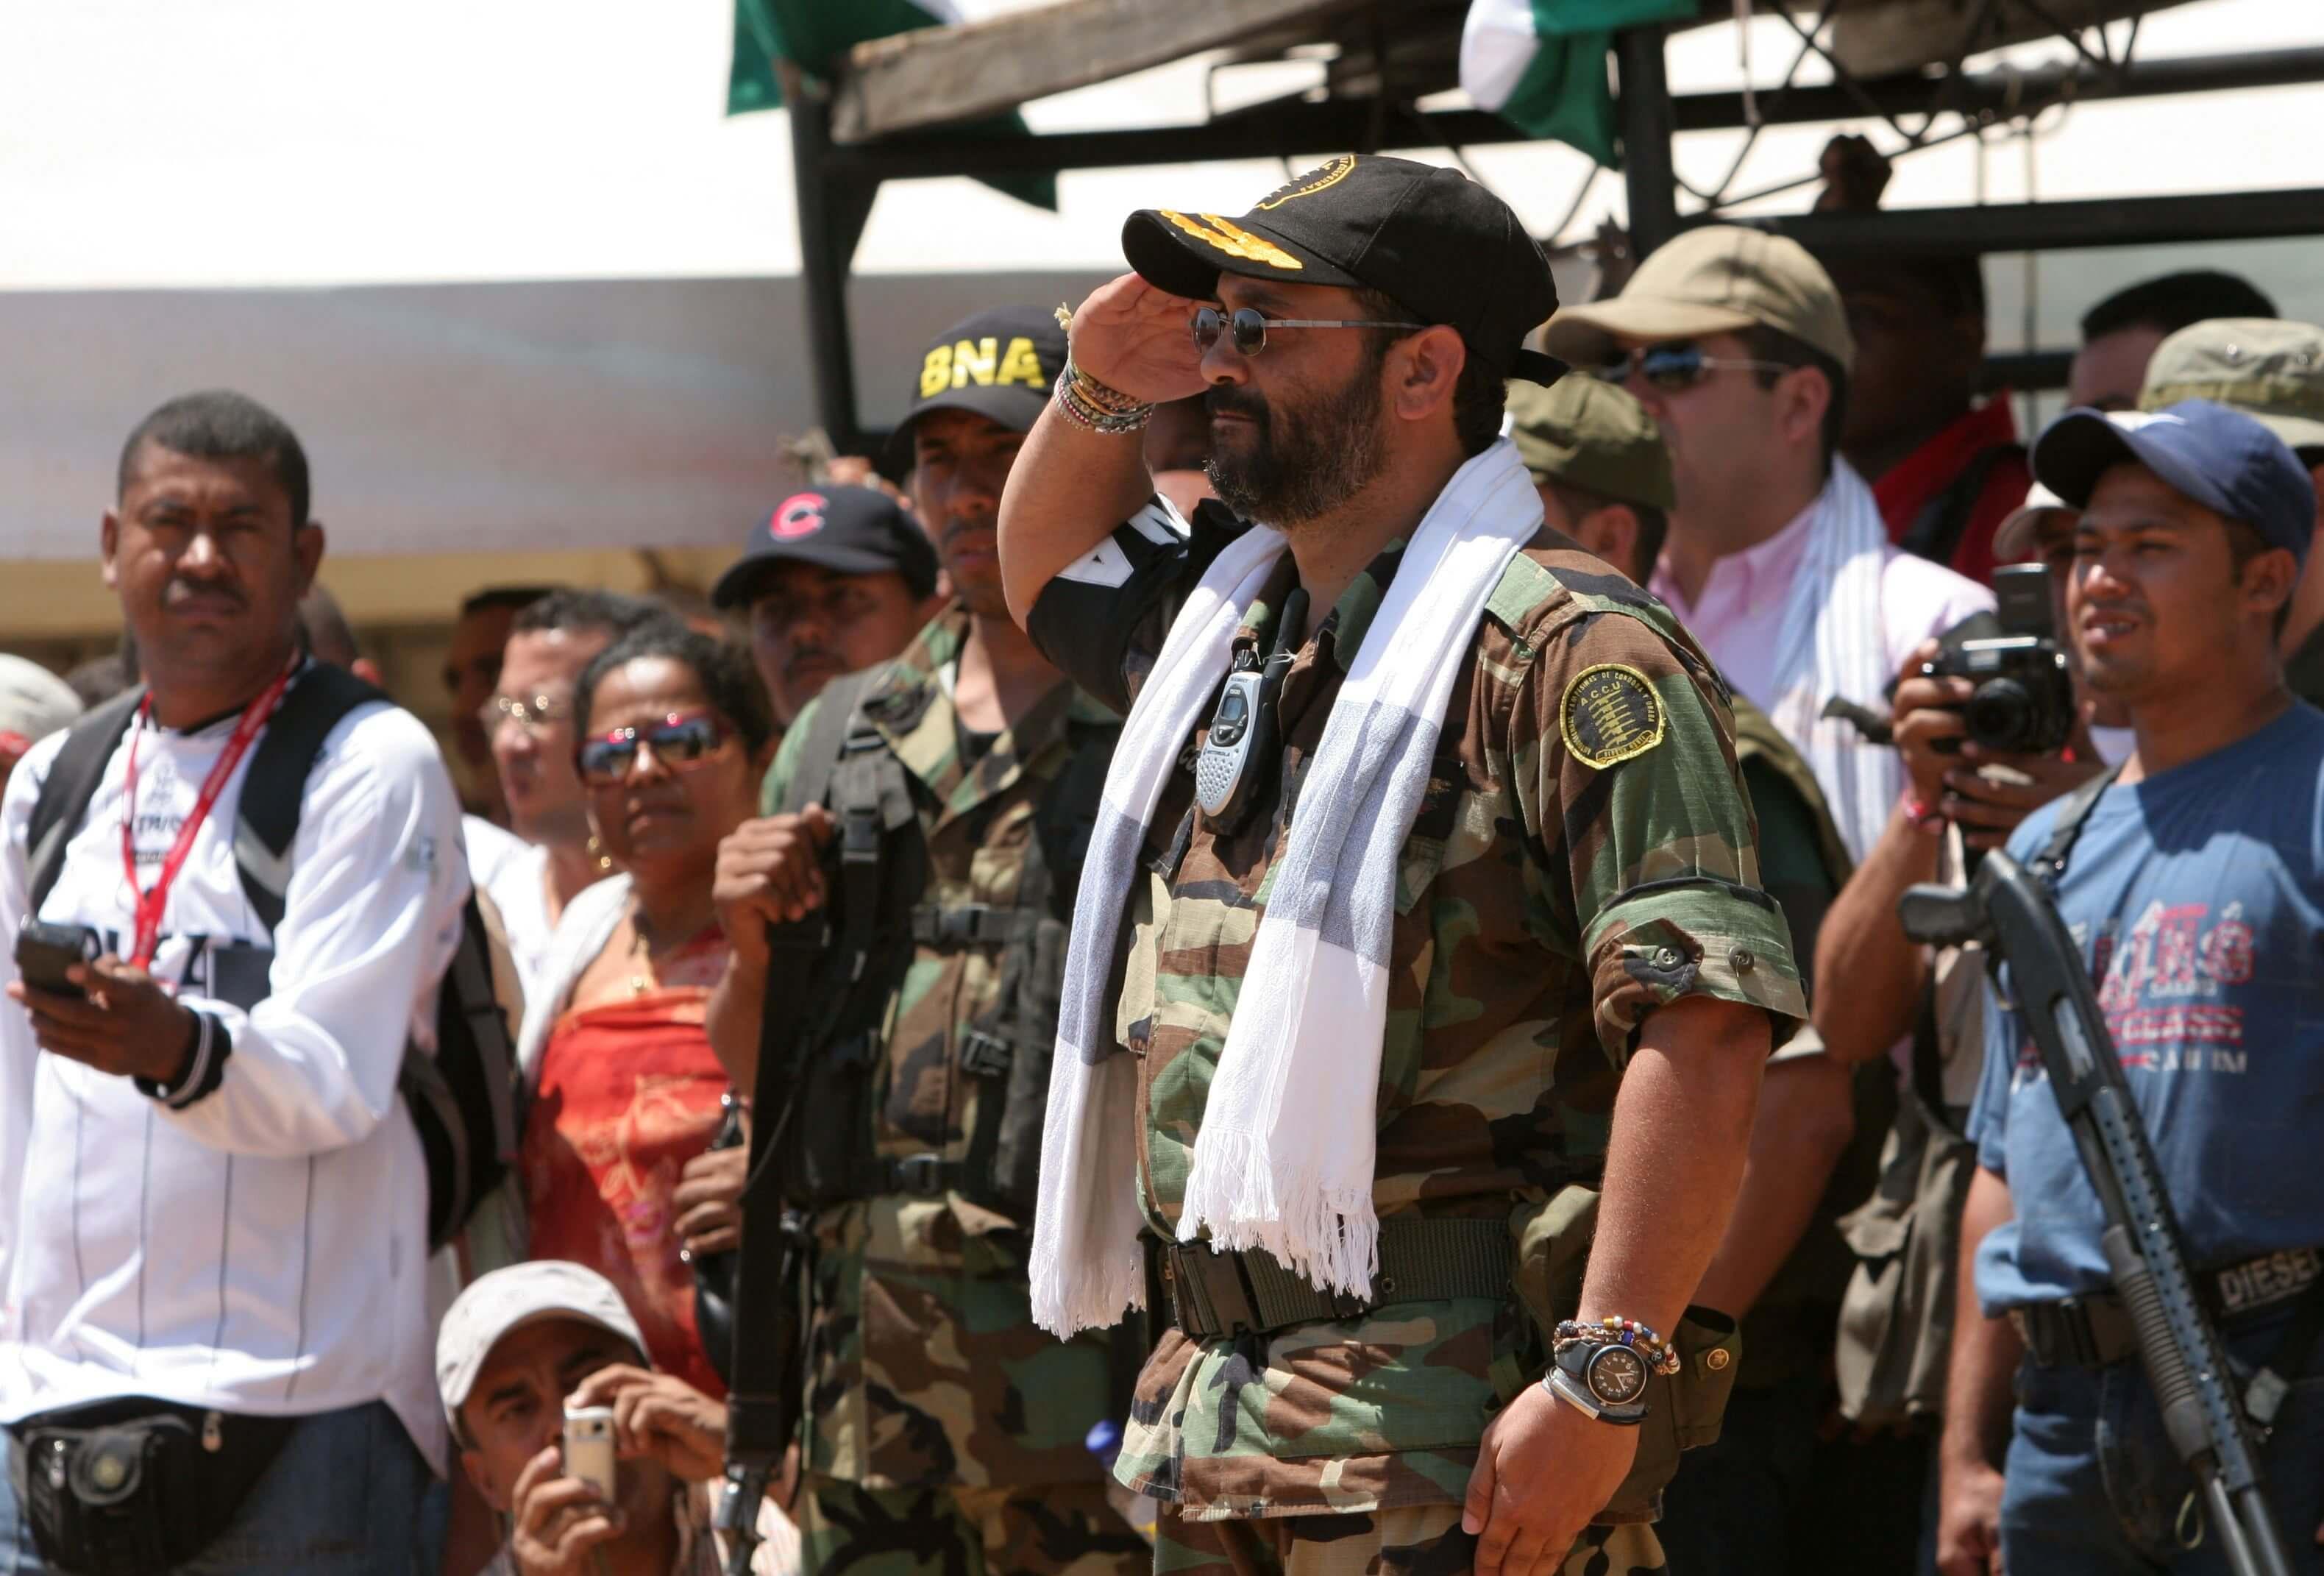 Quién es Jorge 40, el exjefe paramilitar que regresó a Colombia?